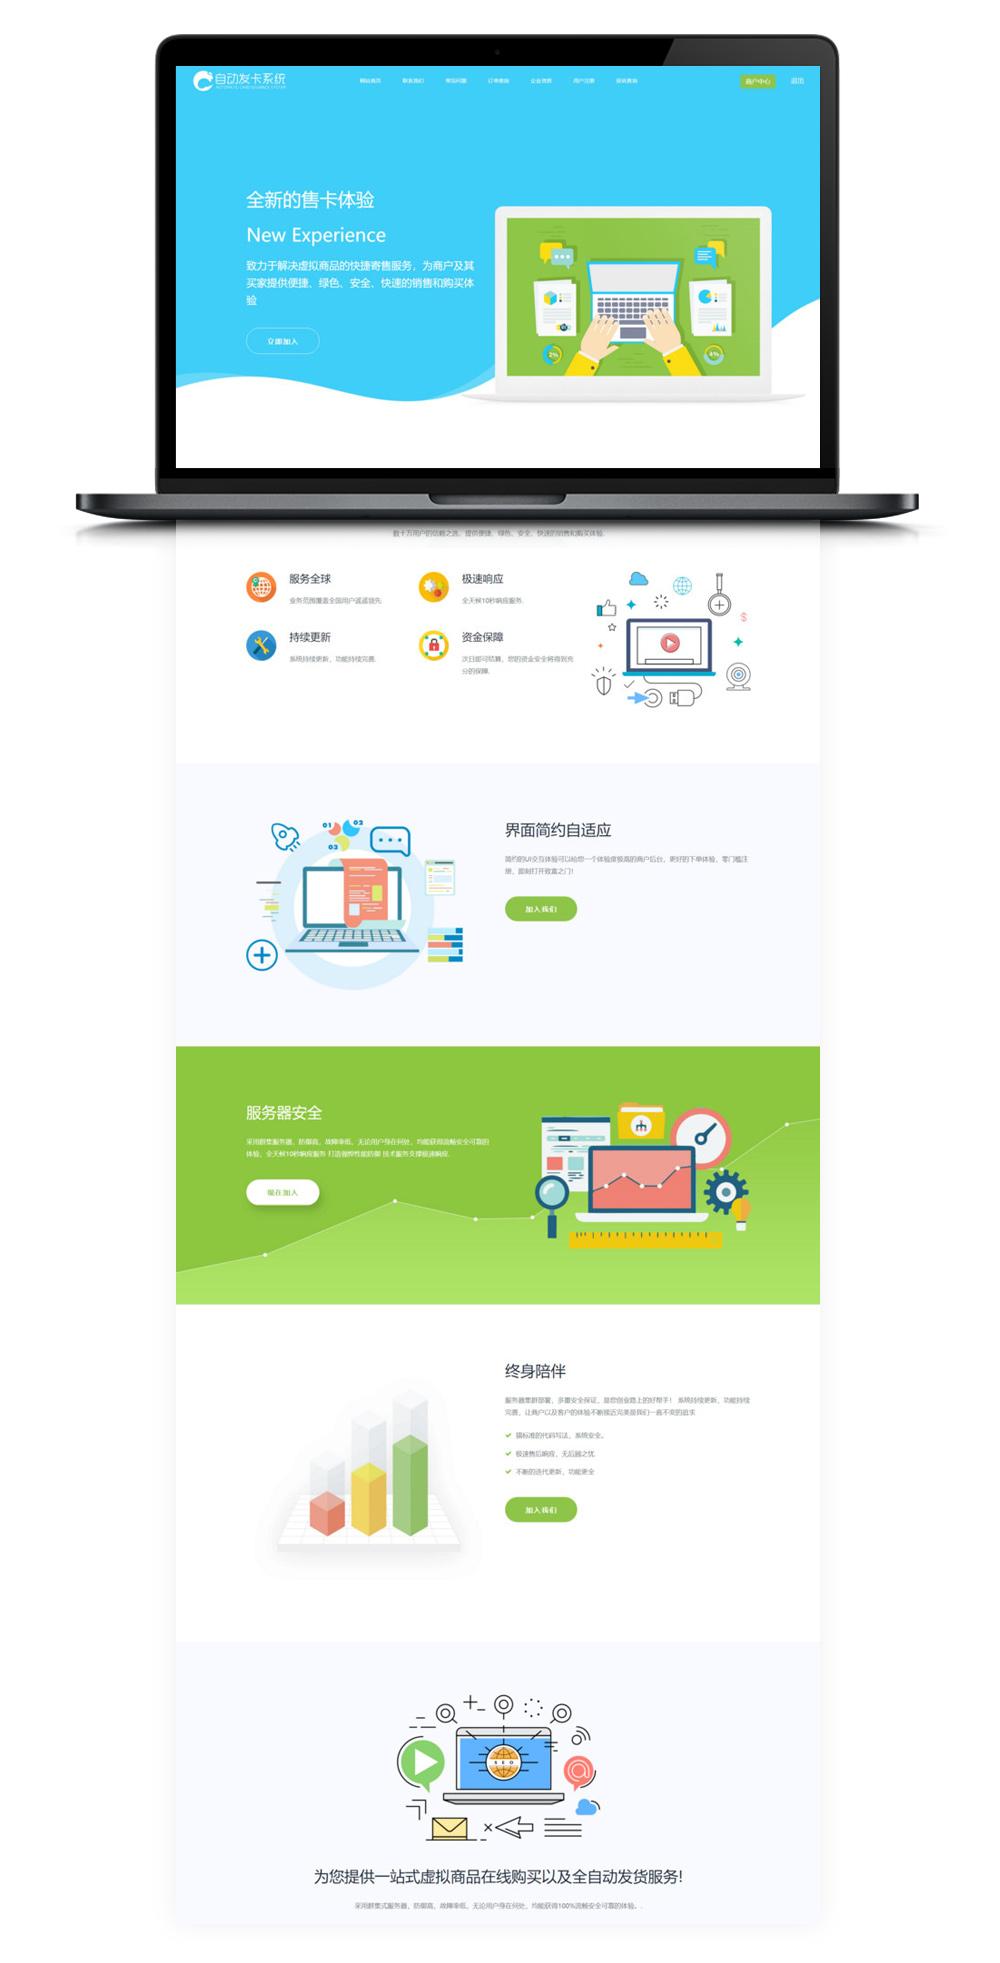 【支付系统】知宇最新版企业级发卡系统平台网站源码[免授权]-找主题源码